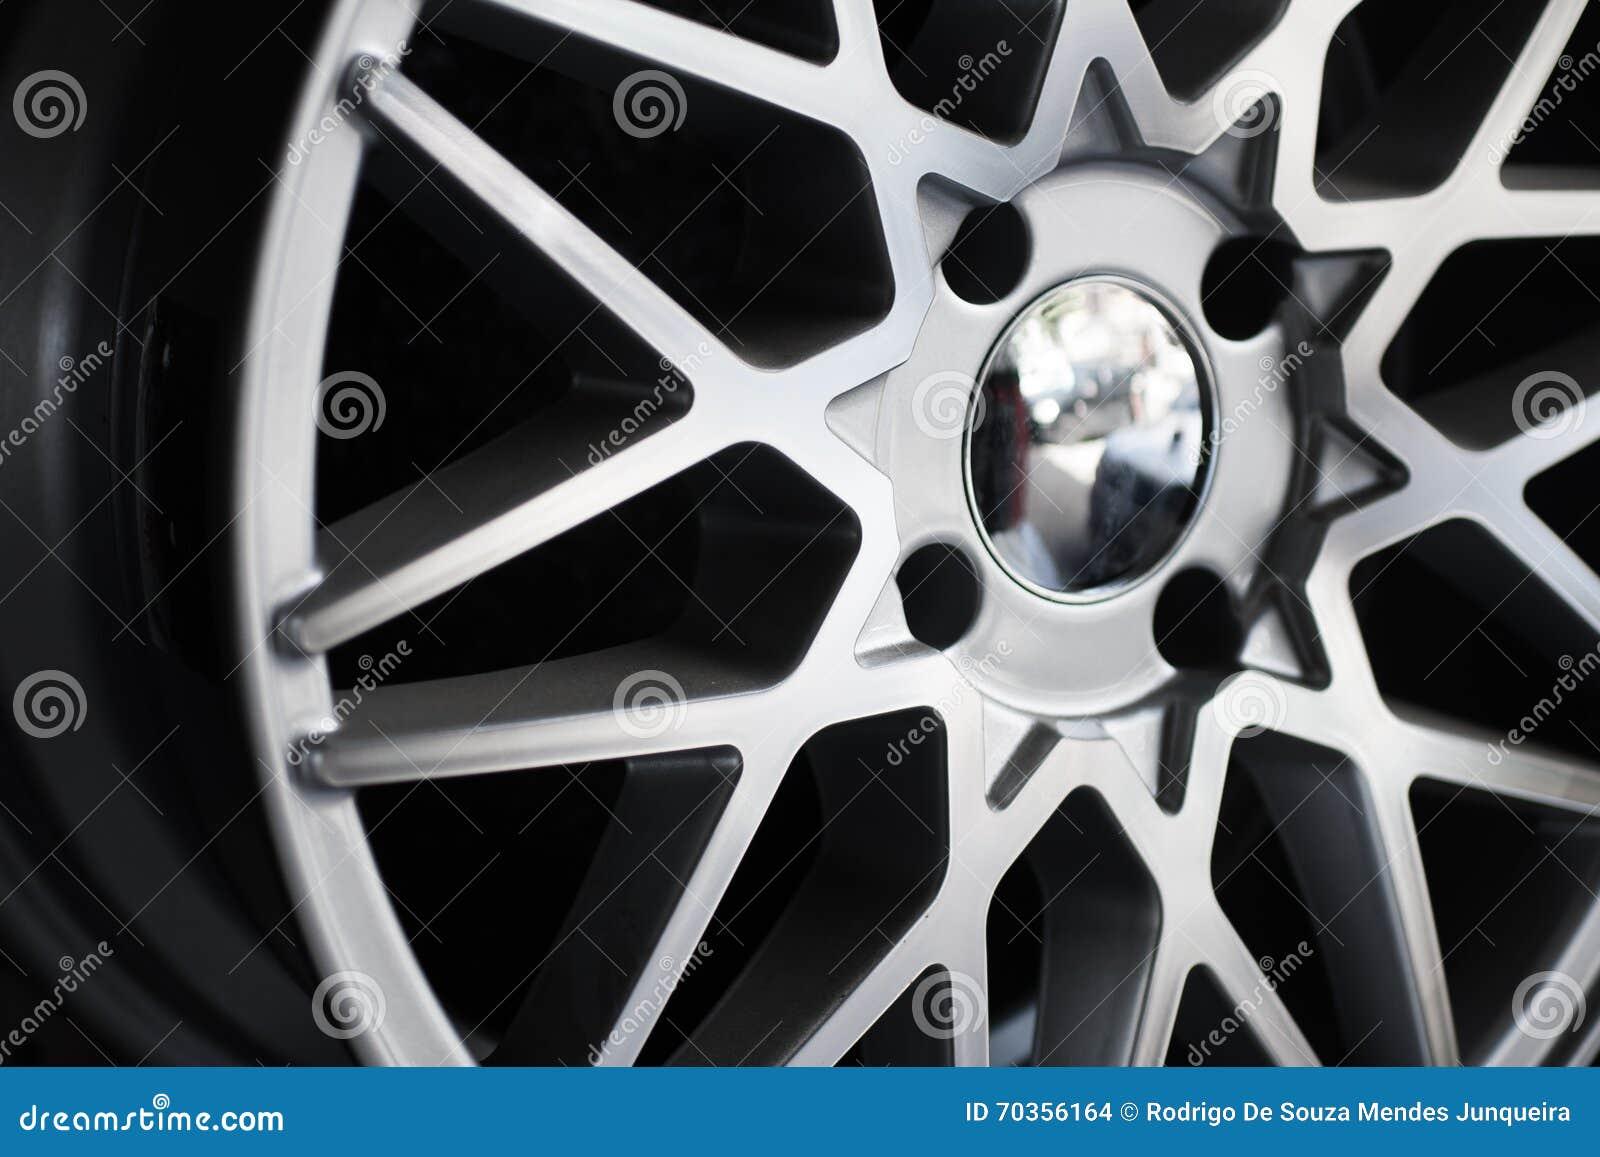 Chrome bilhjul